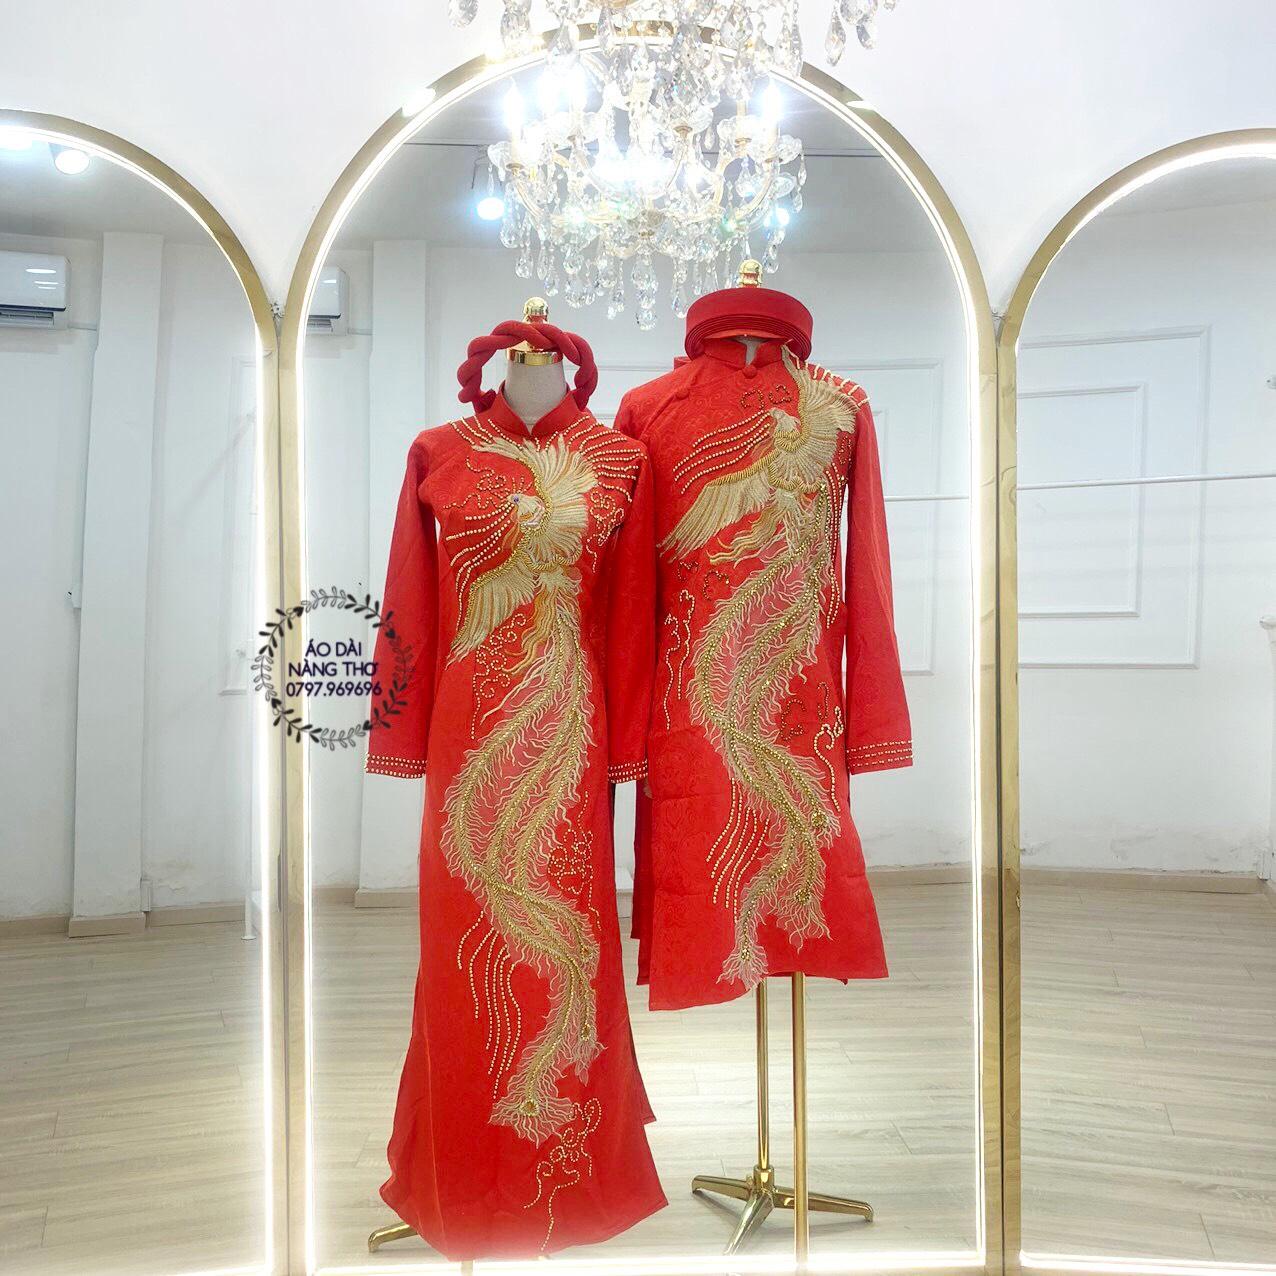 Áo dài Cưới Cặp Gấm Đỏ Kết Họa Tiết Chim Phượng Hoàng Đính Hạt Pha Lê Cao Cấp